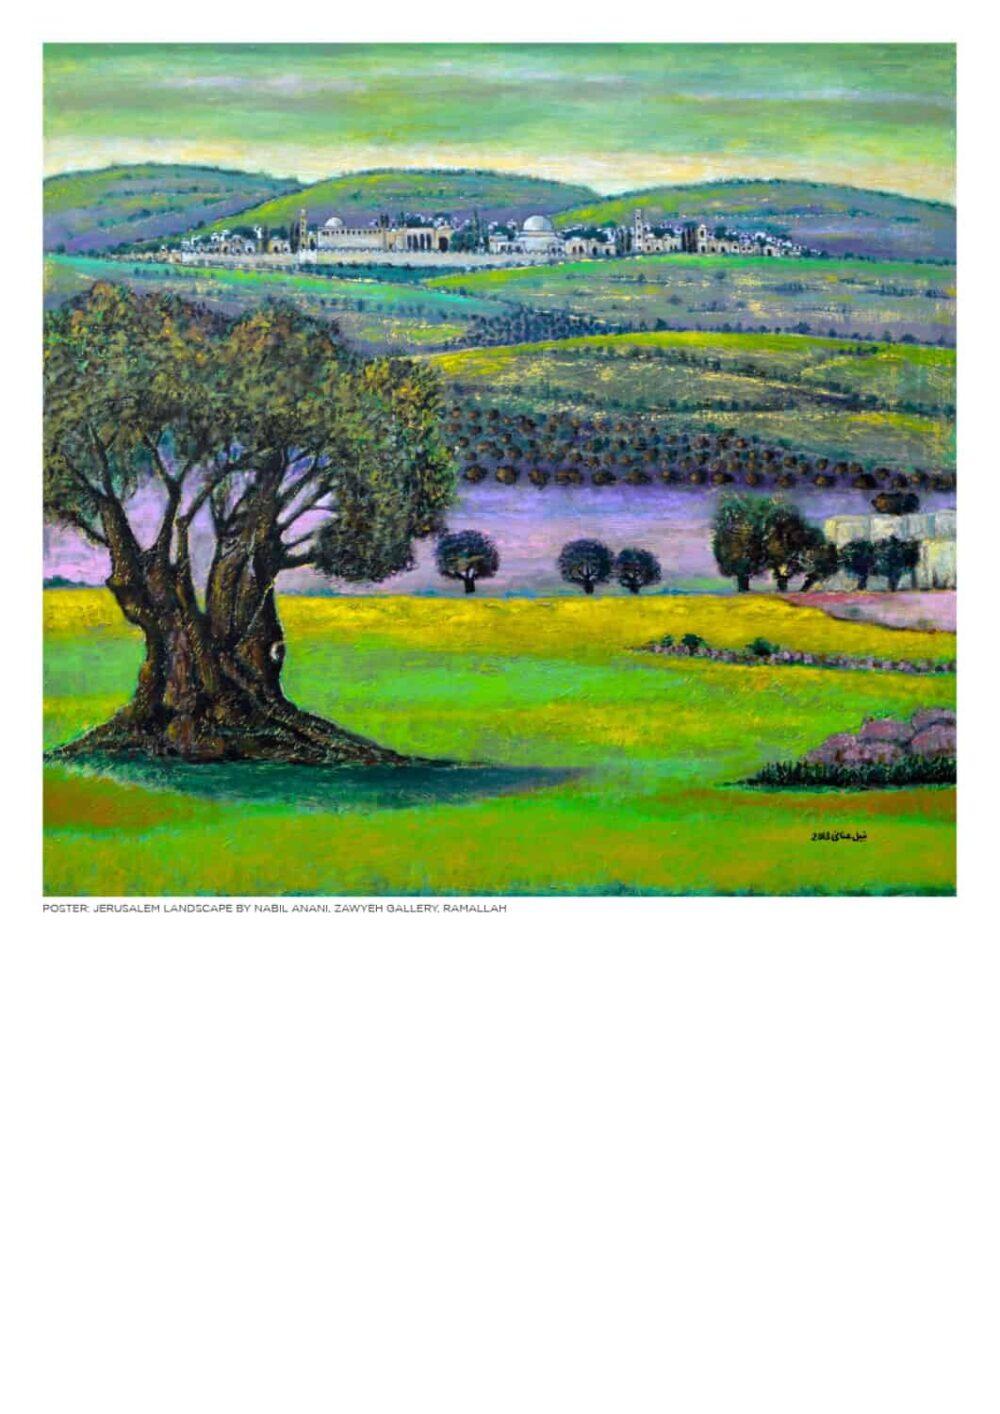 Jerusalem Landscape by Nabil Anani